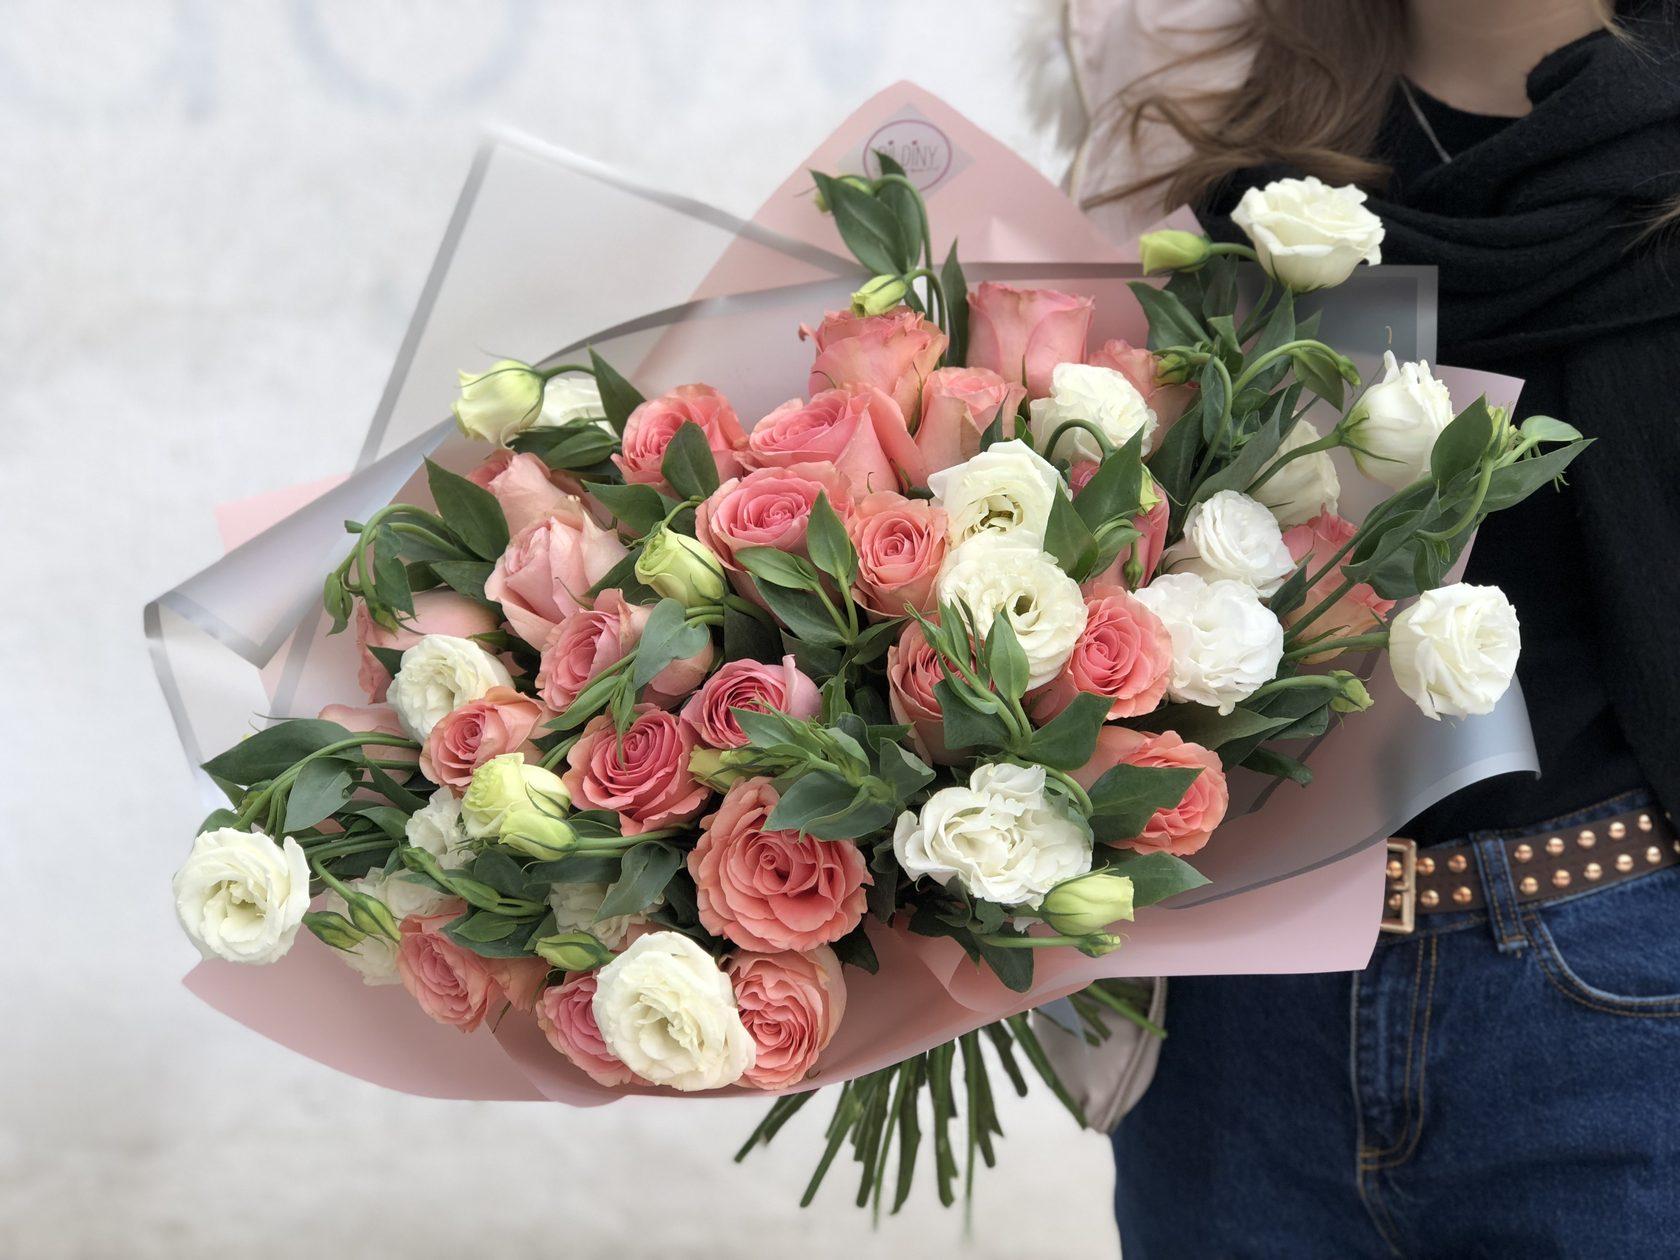 Цветы с доставкой по алматы недорого, букет колбасы